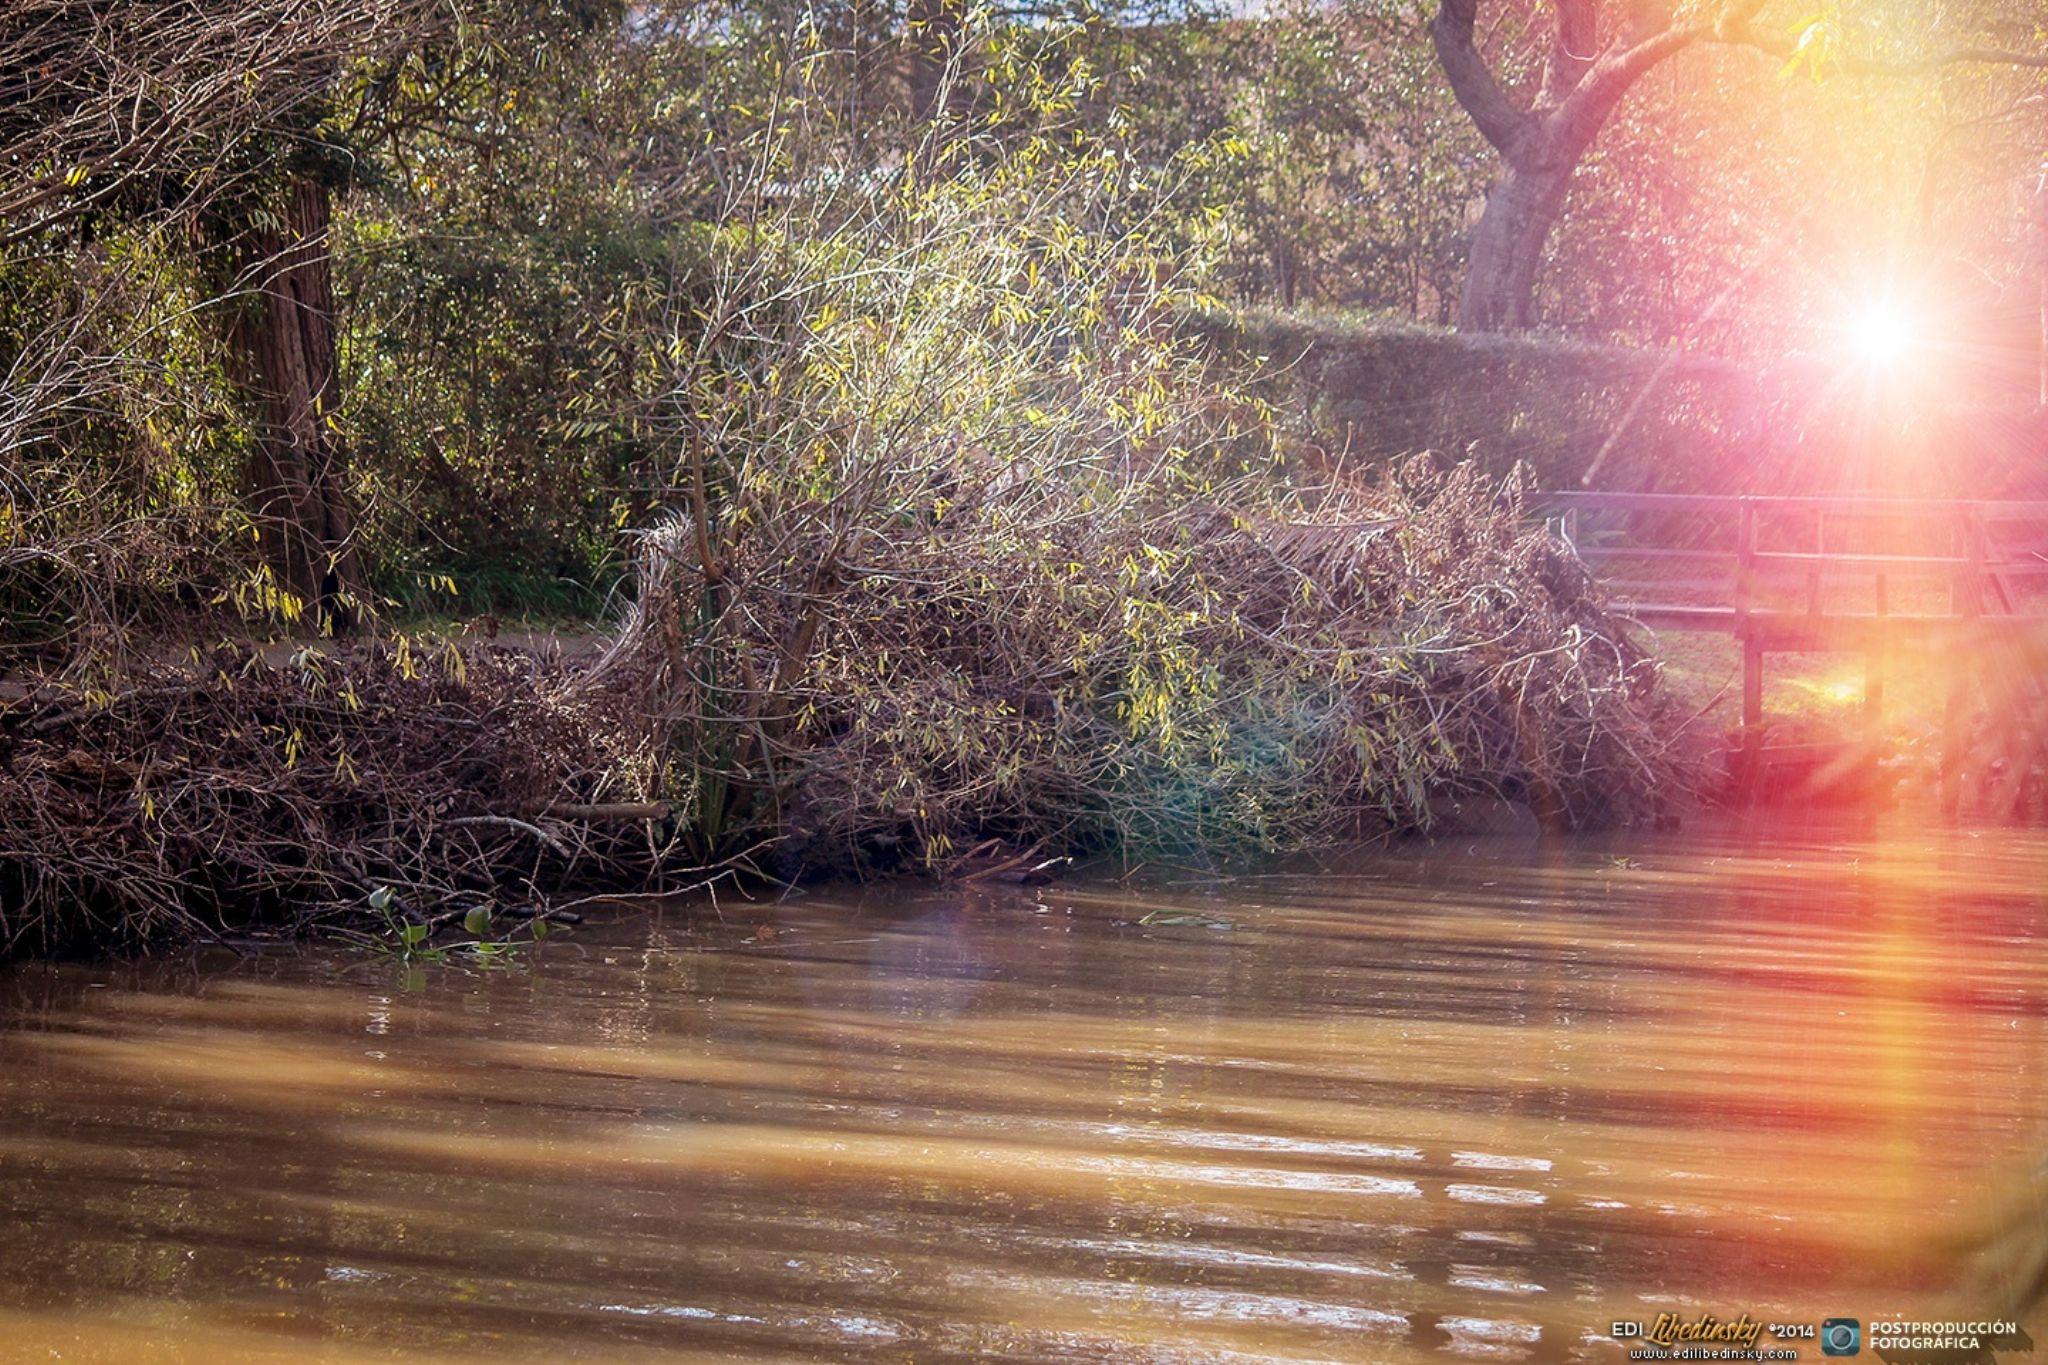 Paseo por el Delta del Tigre - 2014 by Edi Libedinsky